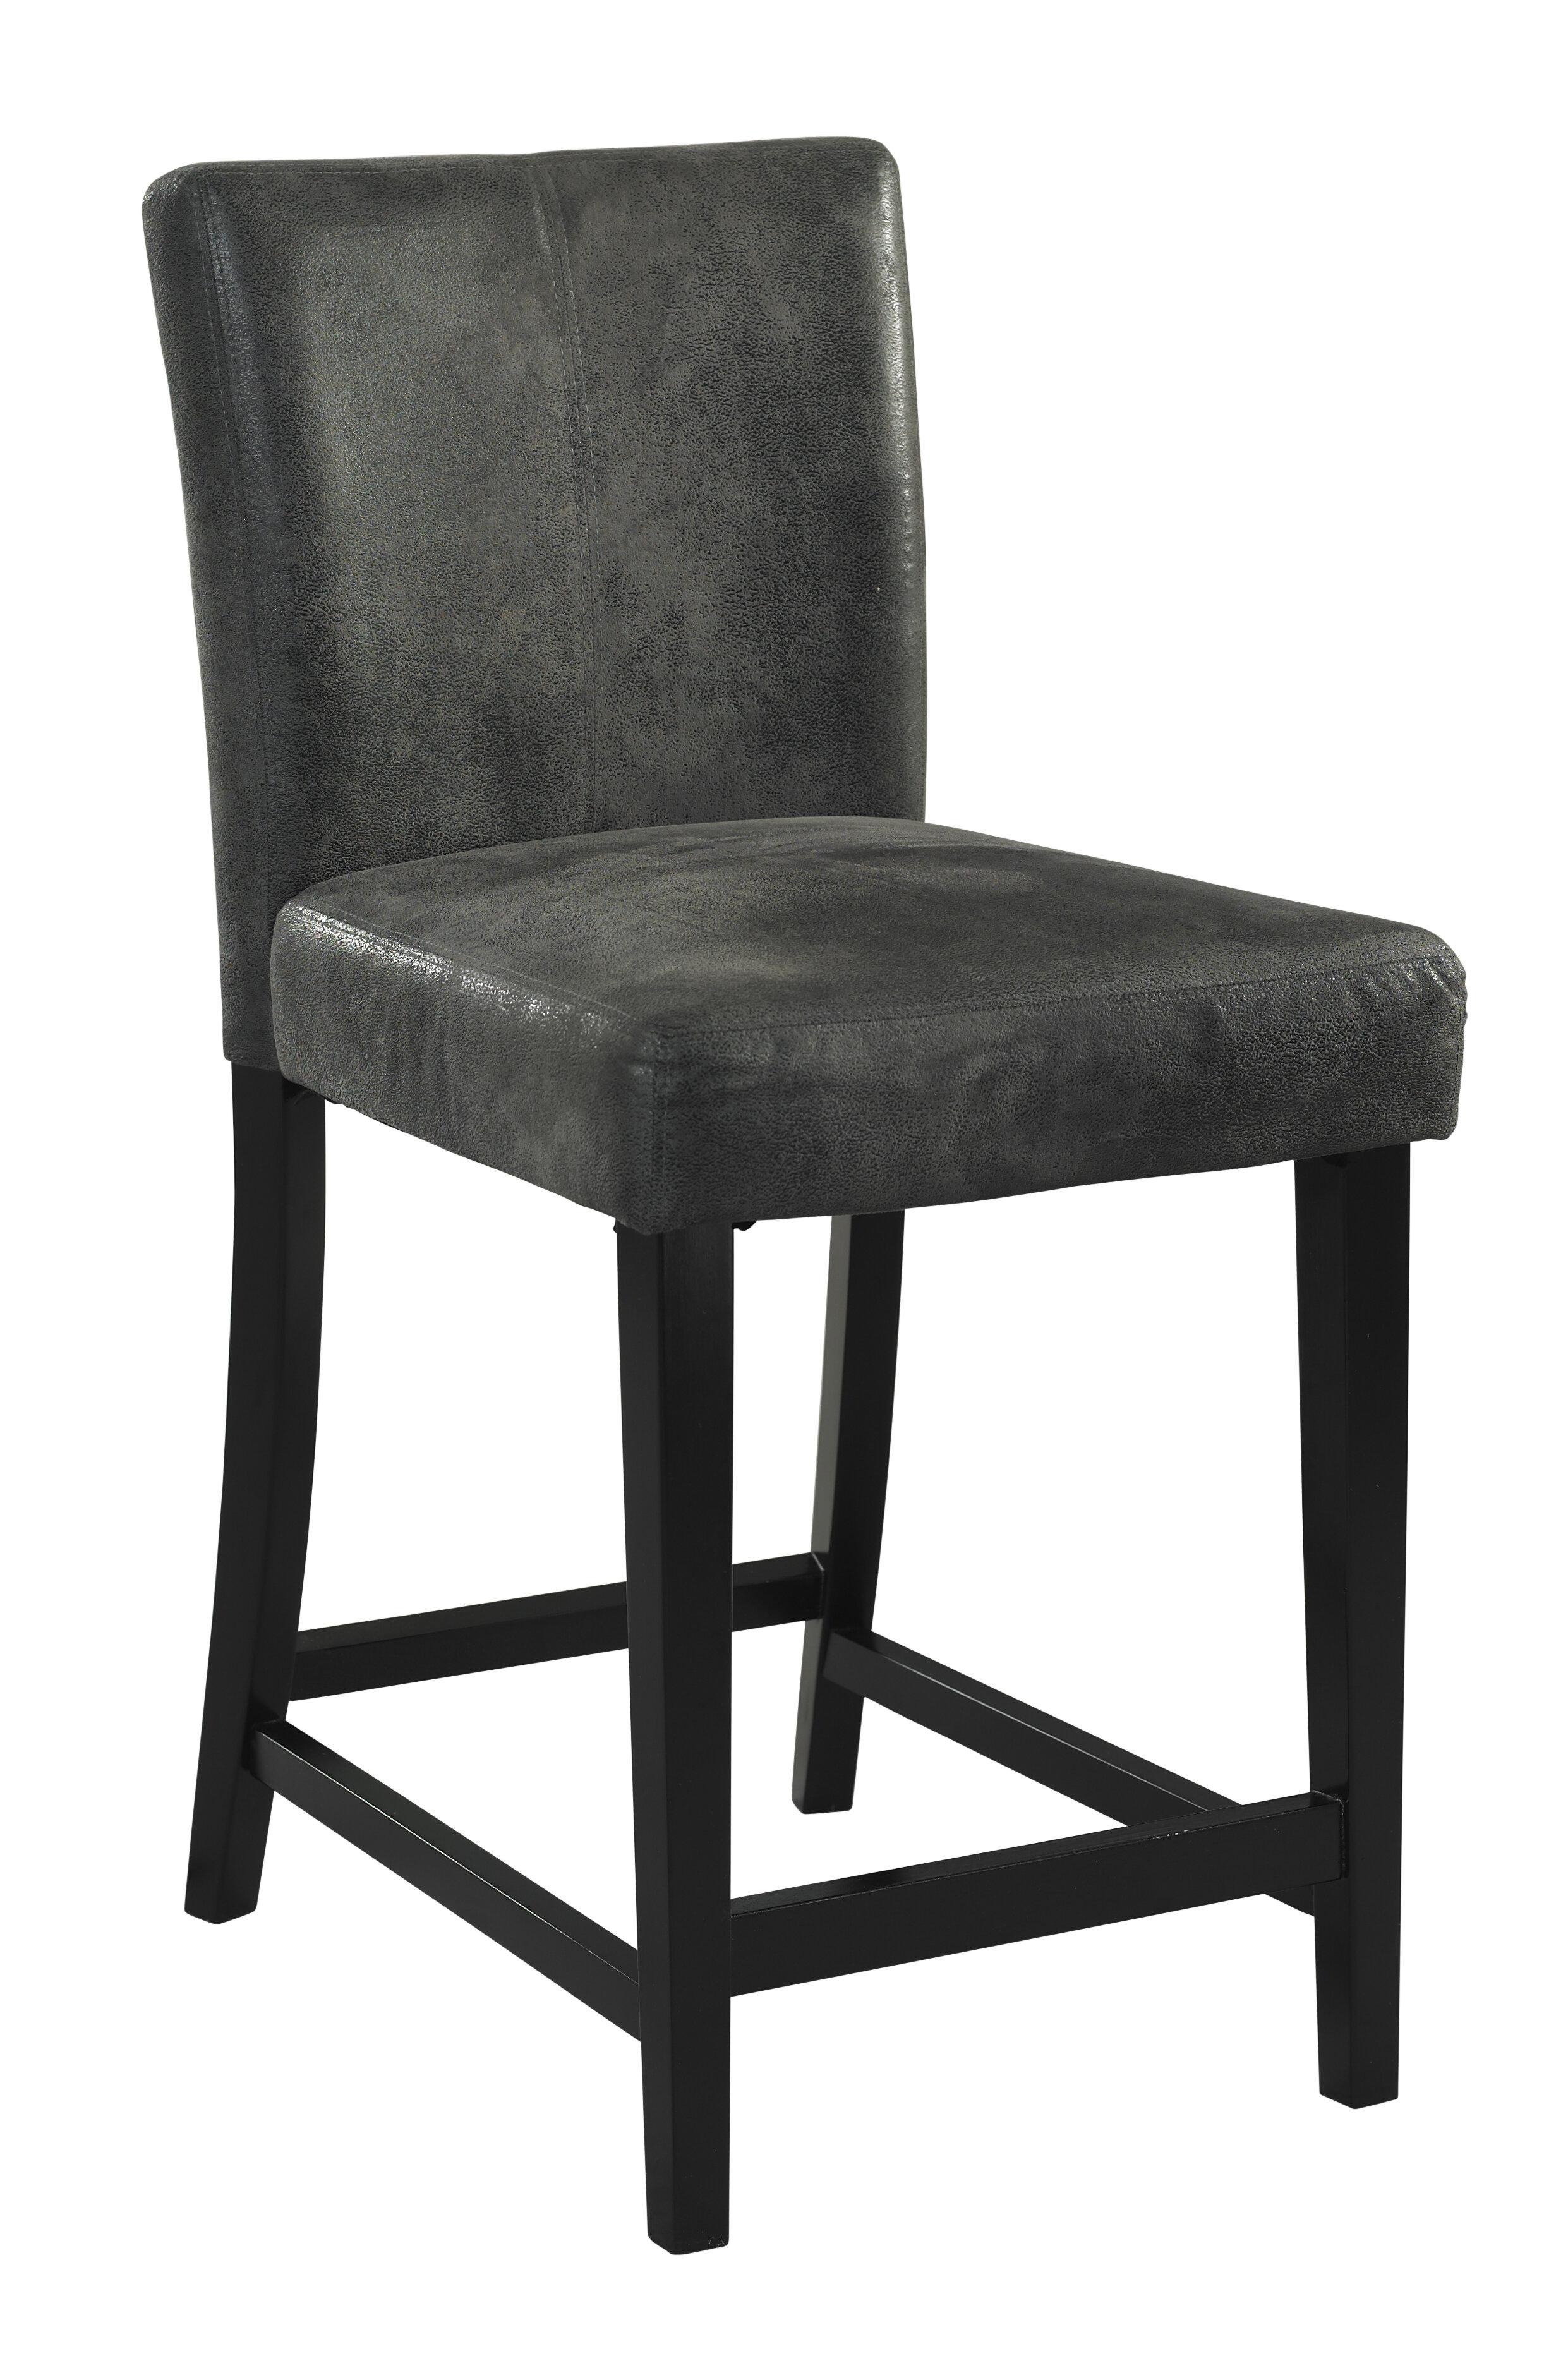 Astonishing Buchan 30 Bar Stool Alphanode Cool Chair Designs And Ideas Alphanodeonline